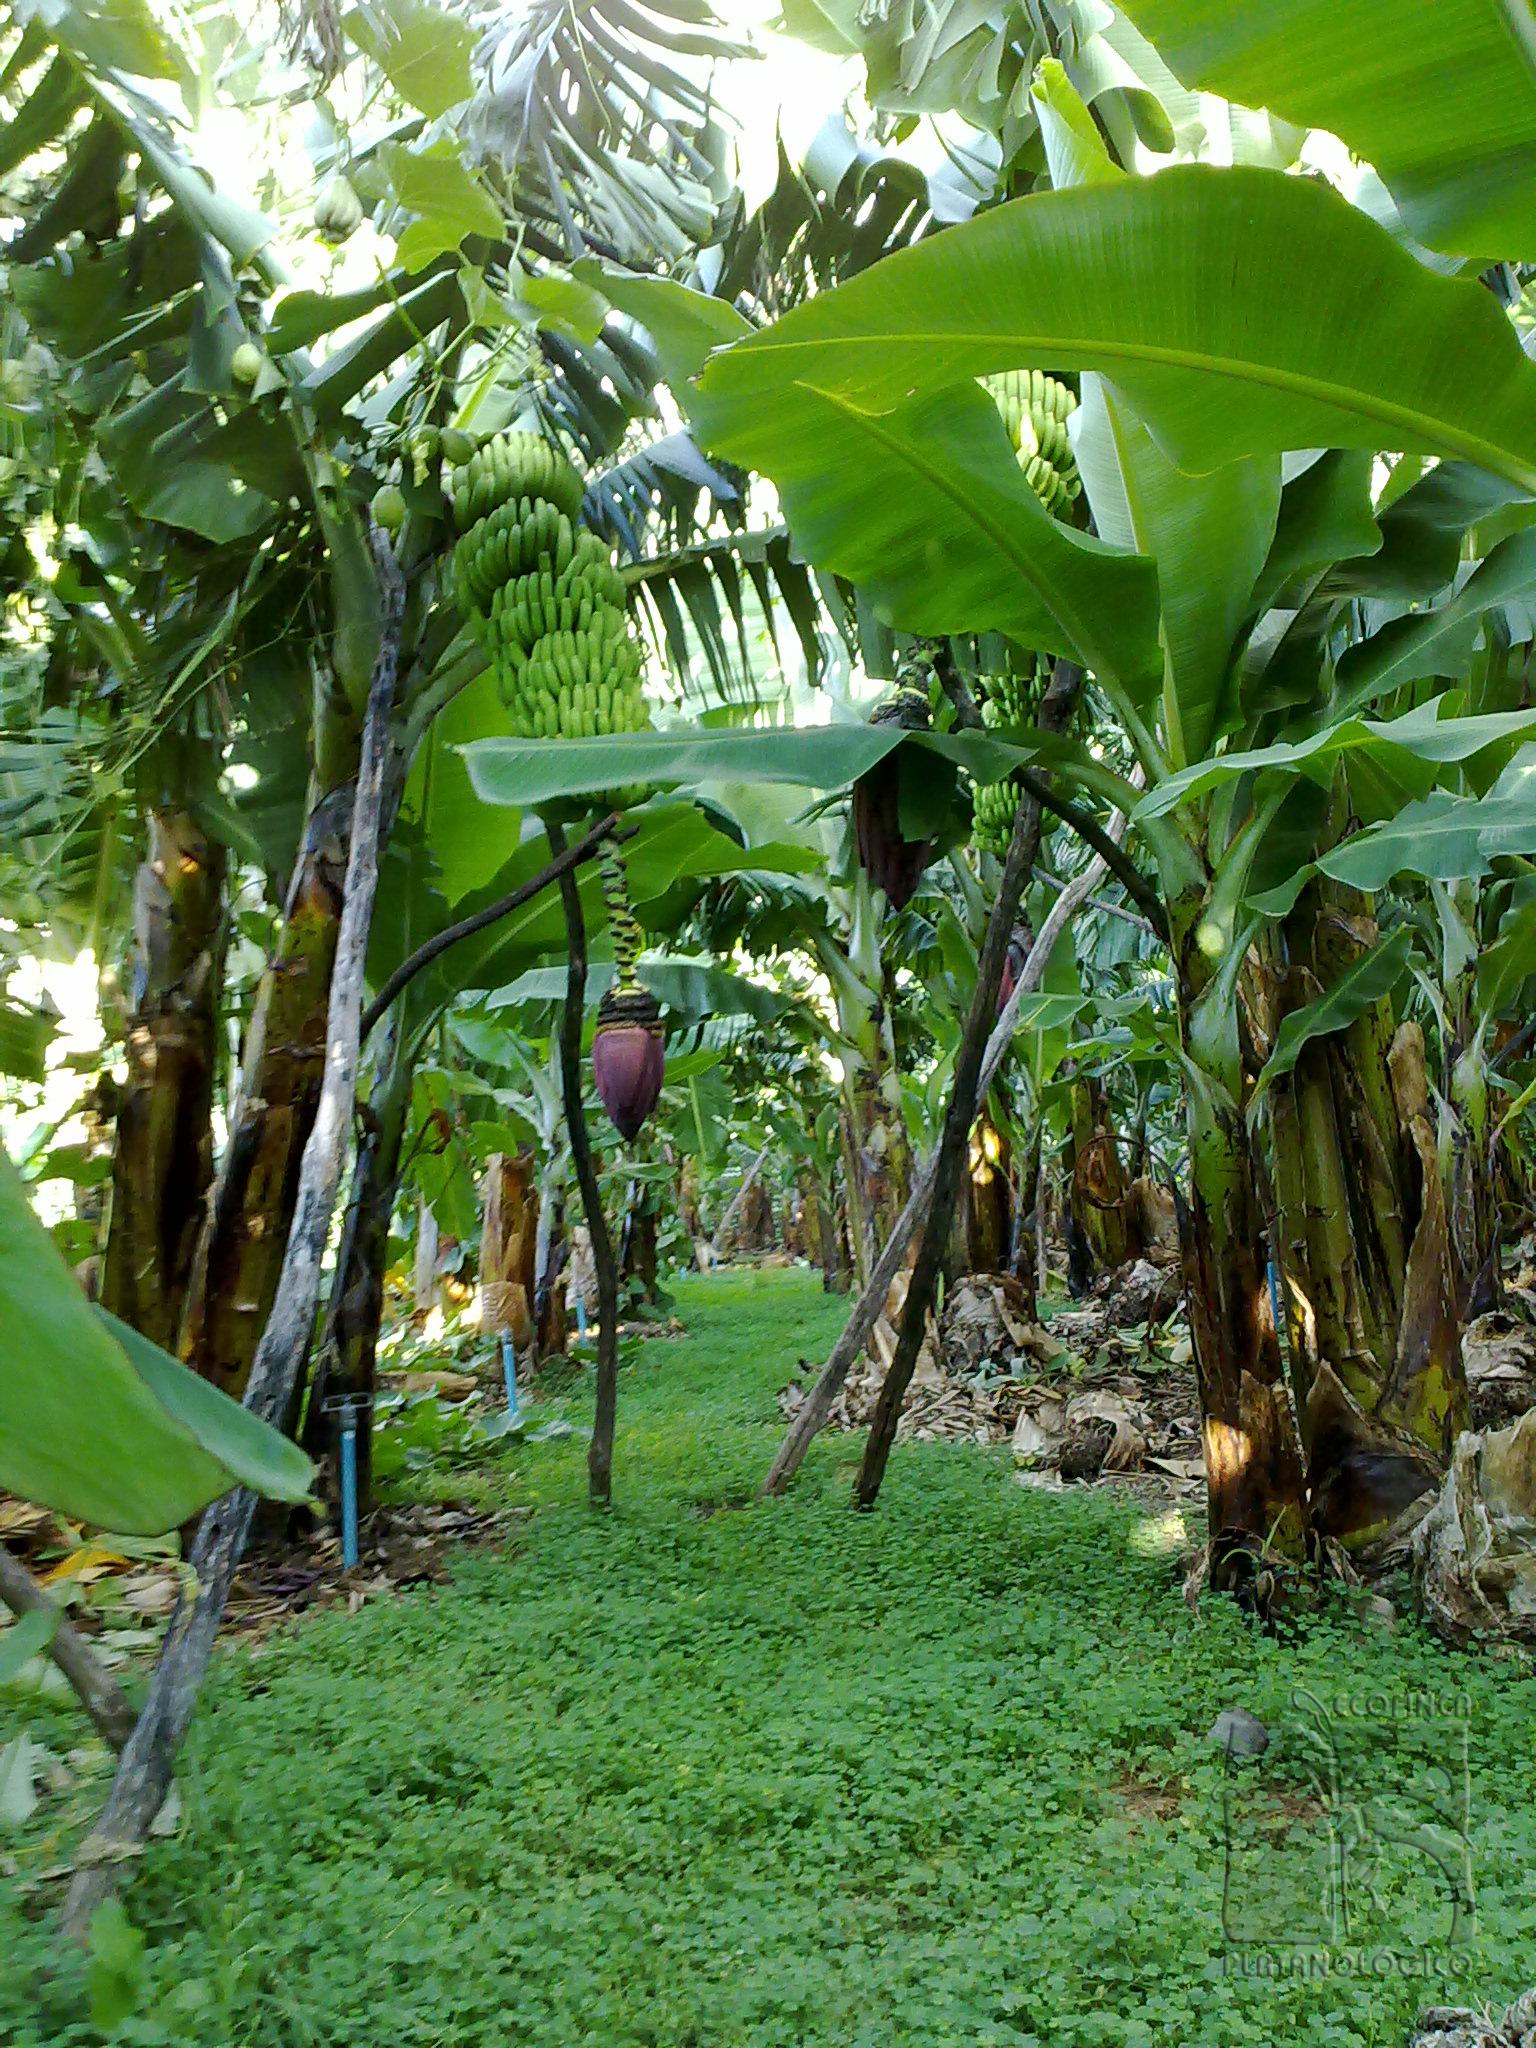 Paseo por la finca, La biodiversidad de un jardín botánico subtropical puesta al servicio de la producción de alimentos.